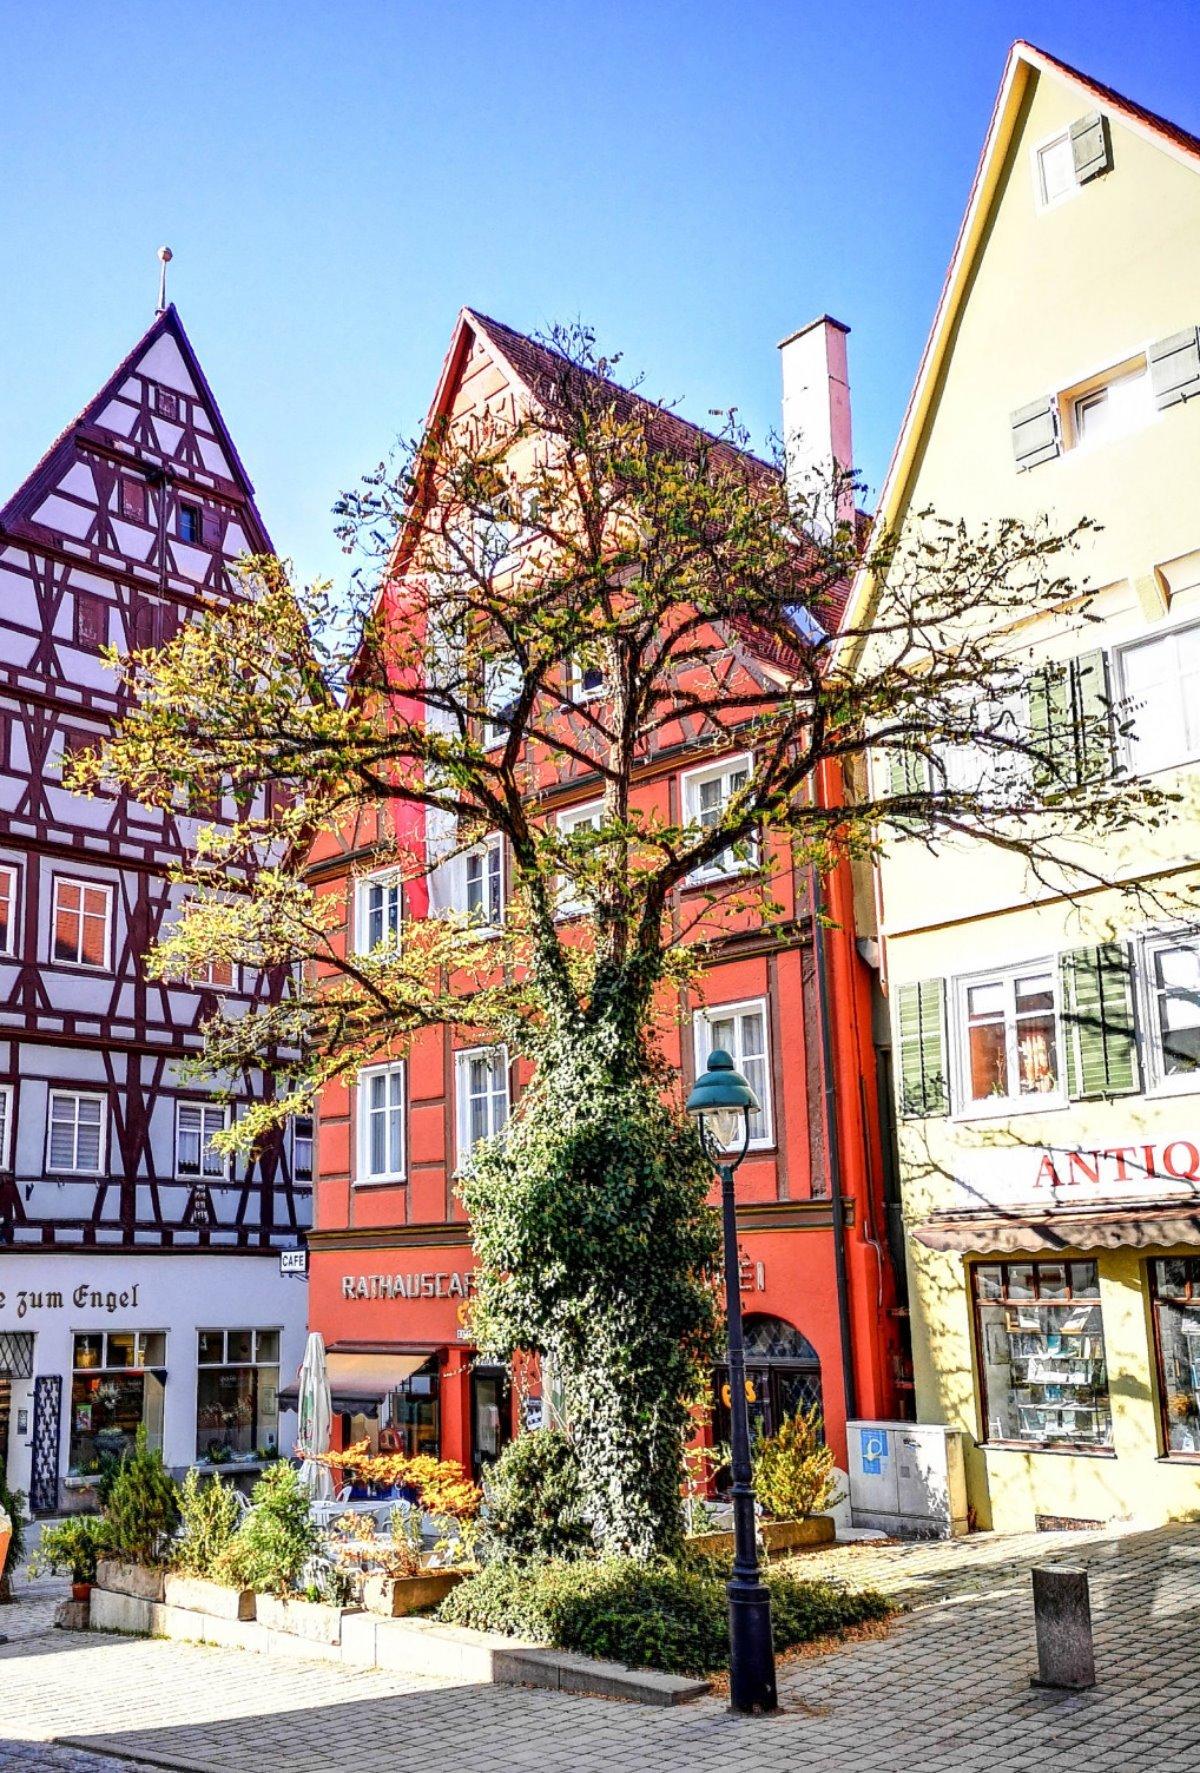 Γερμανία: Πόλη χτισμένη πάνω σε 72.000 τόνους διαμαντιών - Τα σπίτια έχουν αξία πολλών καρατίων! (βίντεο)